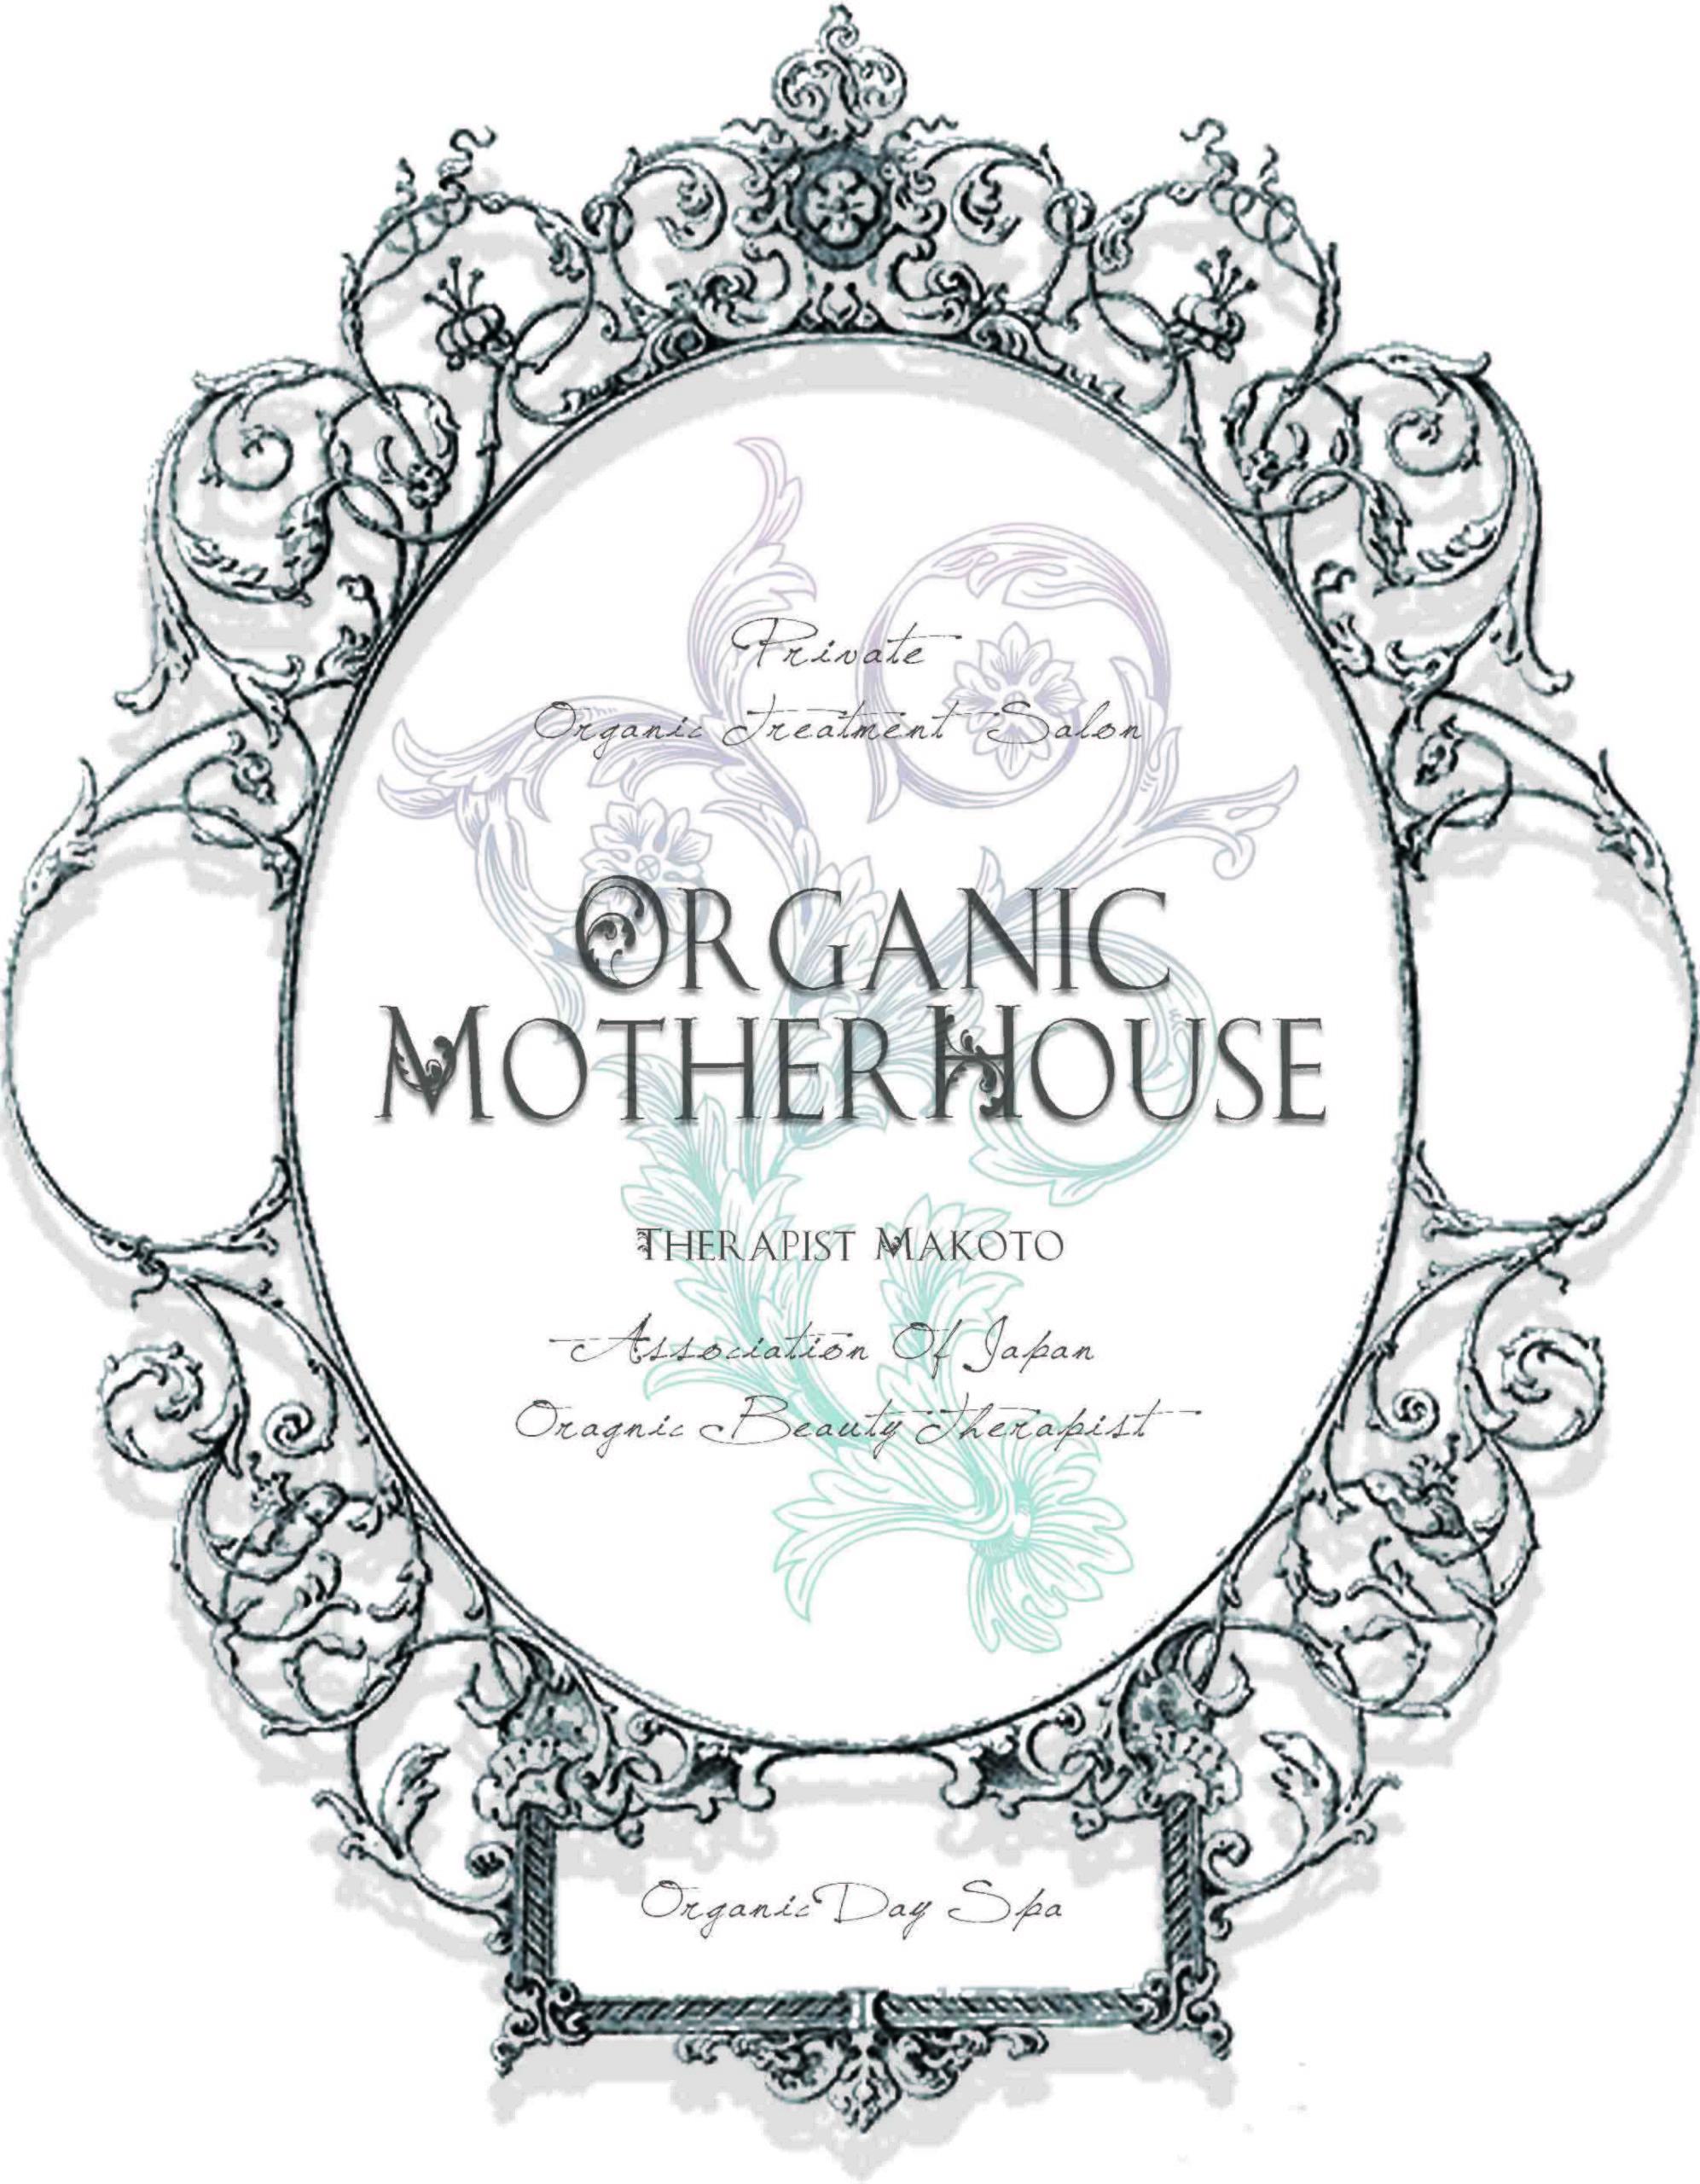 ORGANIC-MOTHER-HOUSE-ligo-scaled